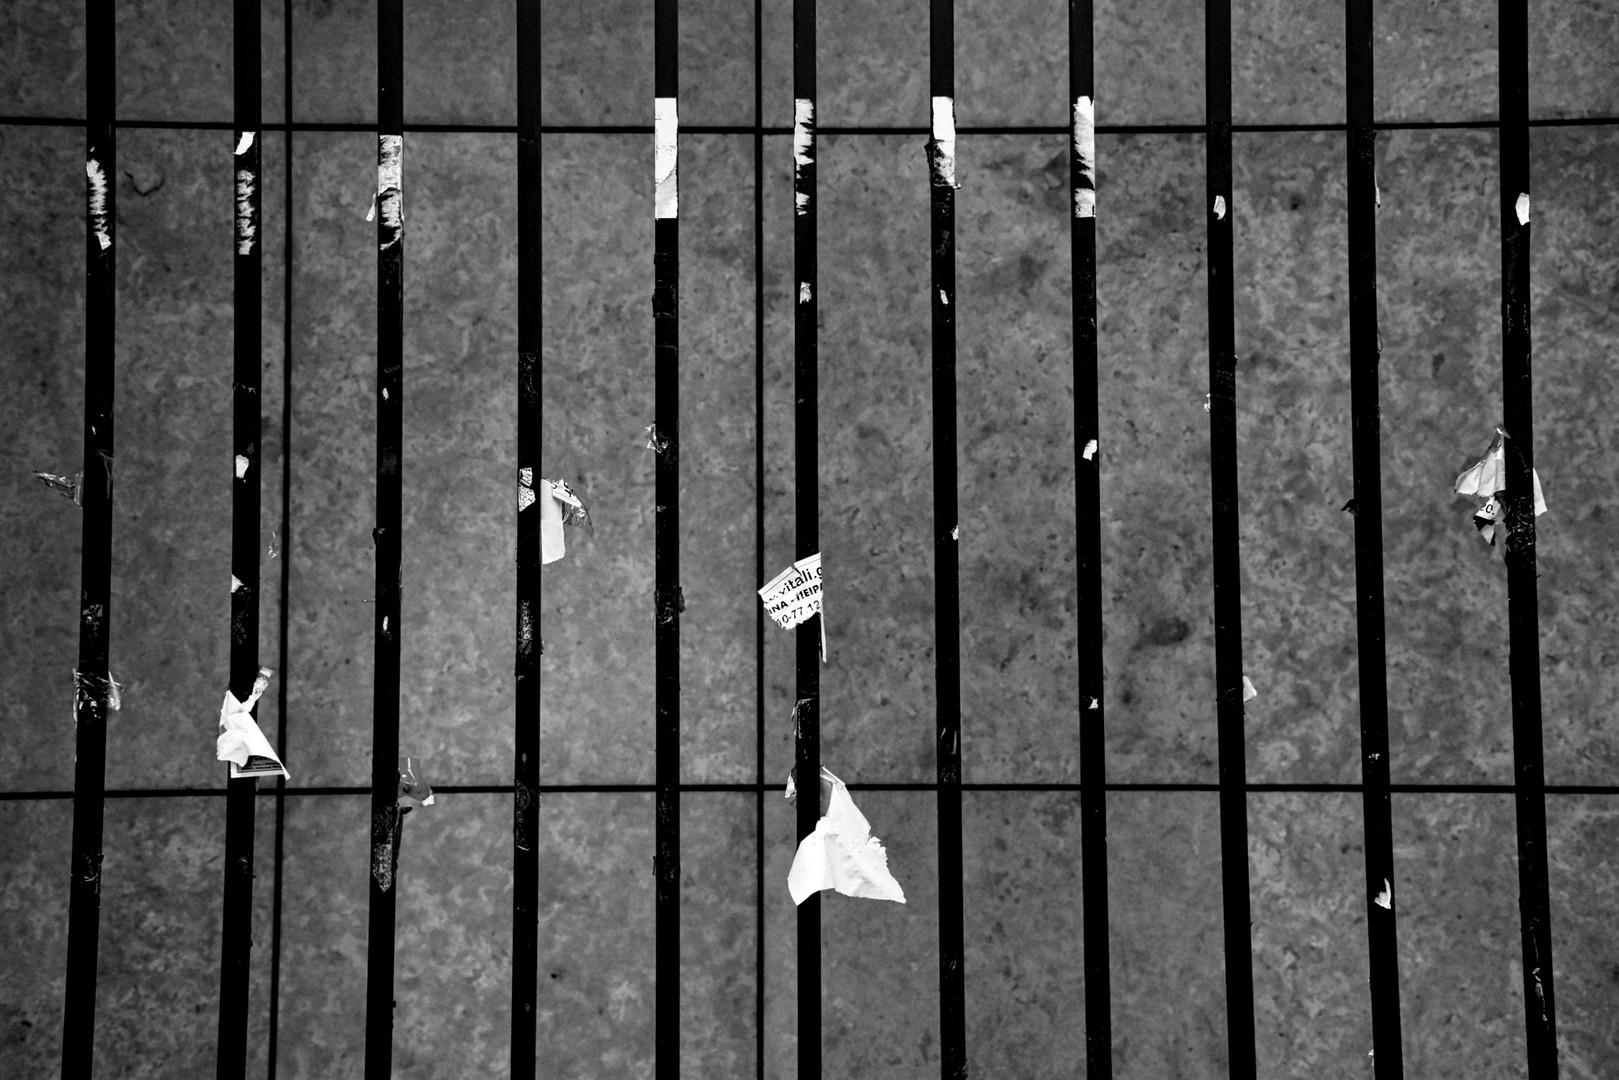 Financial Prison